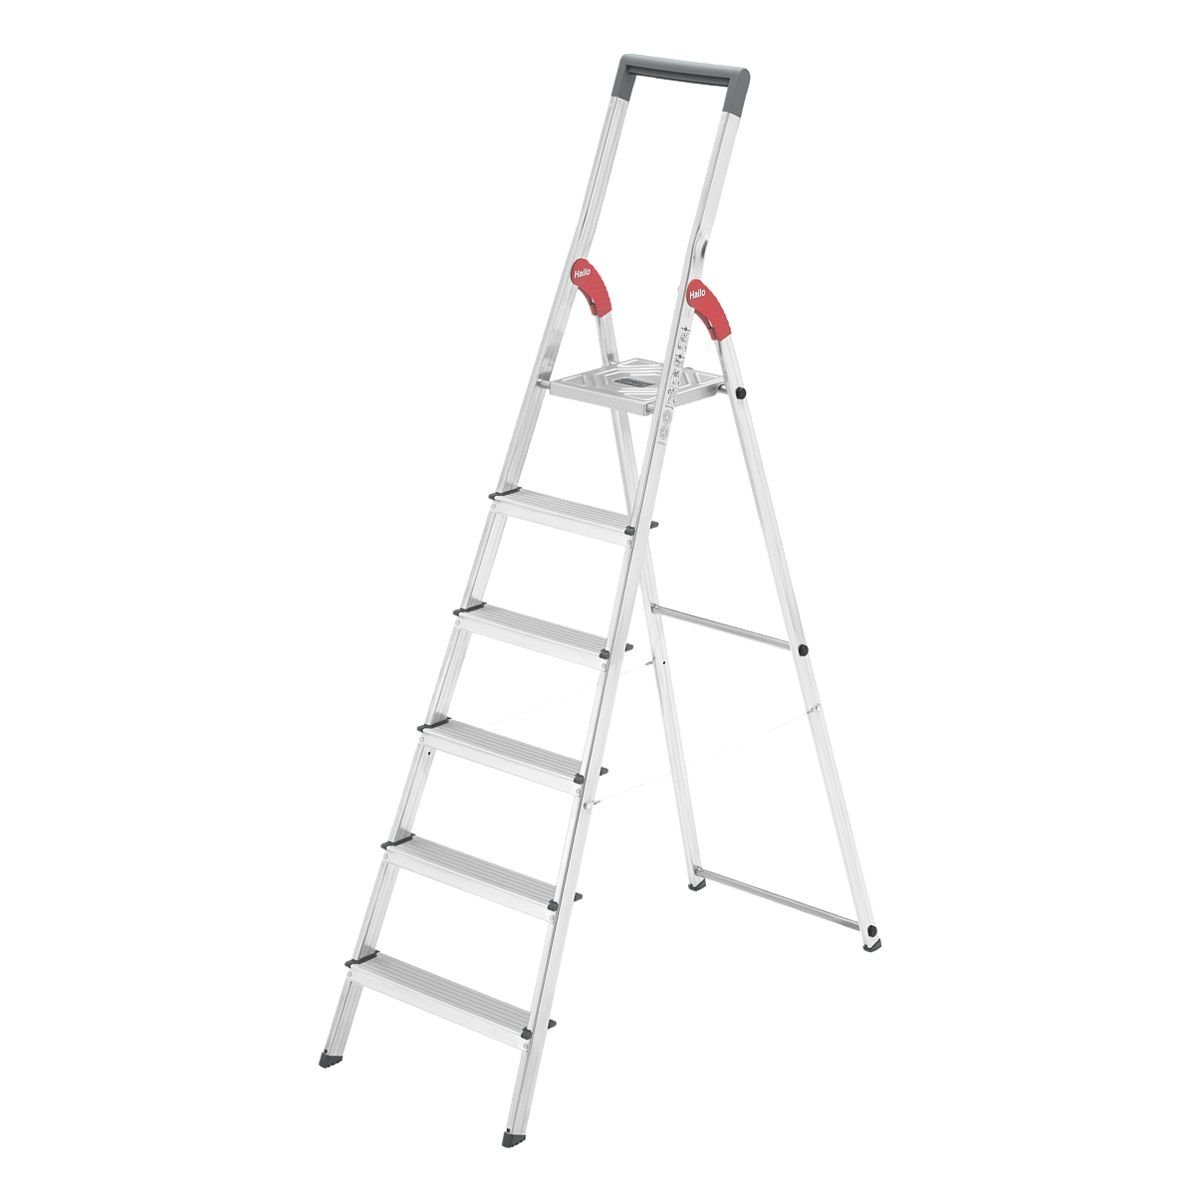 Hailo Sicherheits-Stufenstehleiter »ProfiLine S 150« | Baumarkt > Leitern und Treppen > Stehleiter | Stahl | Hailo